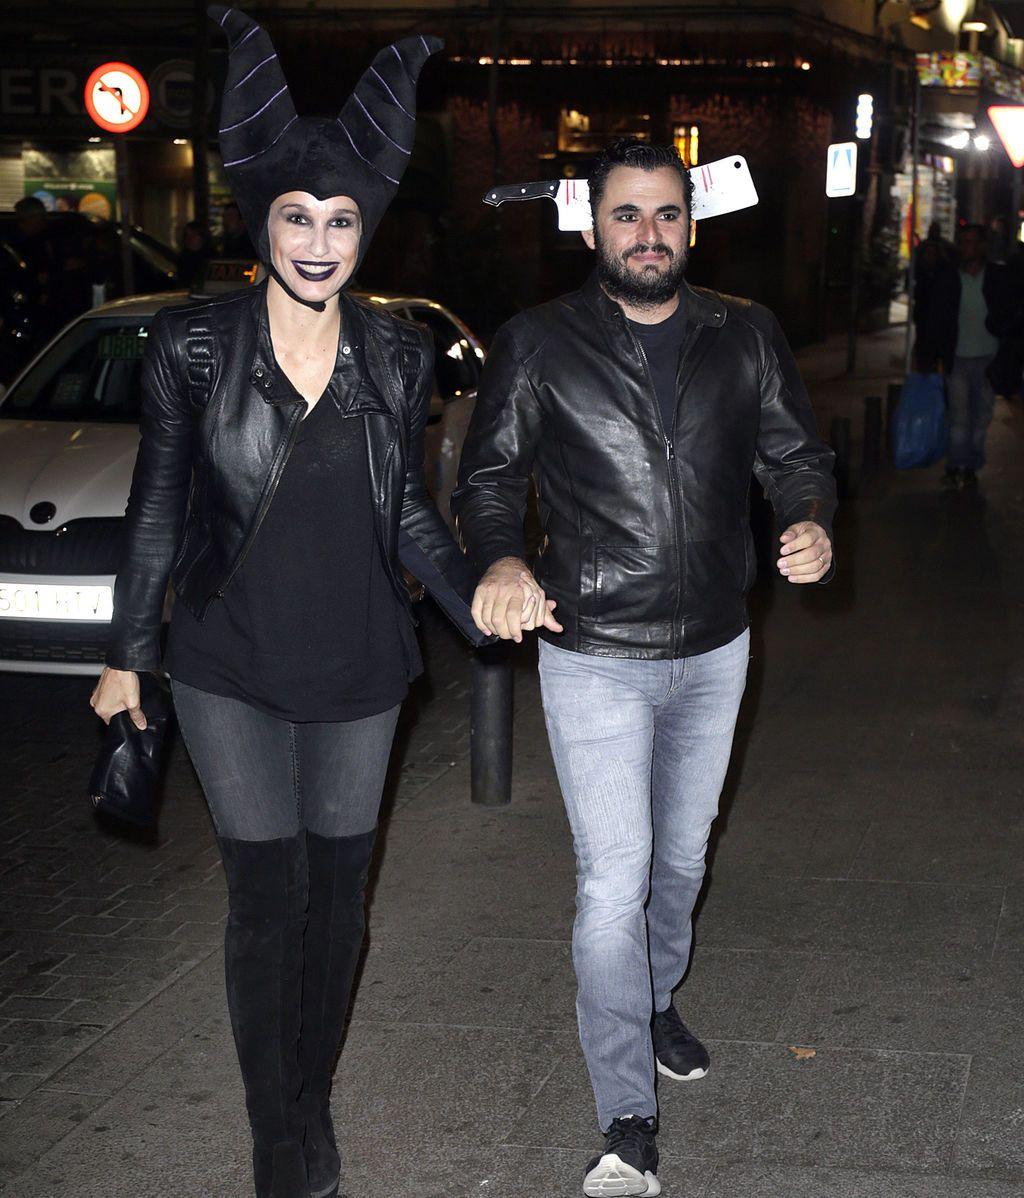 Carlota Baleztena y Emiliano Suárez, dos muertos vivientes en la noche madrileña